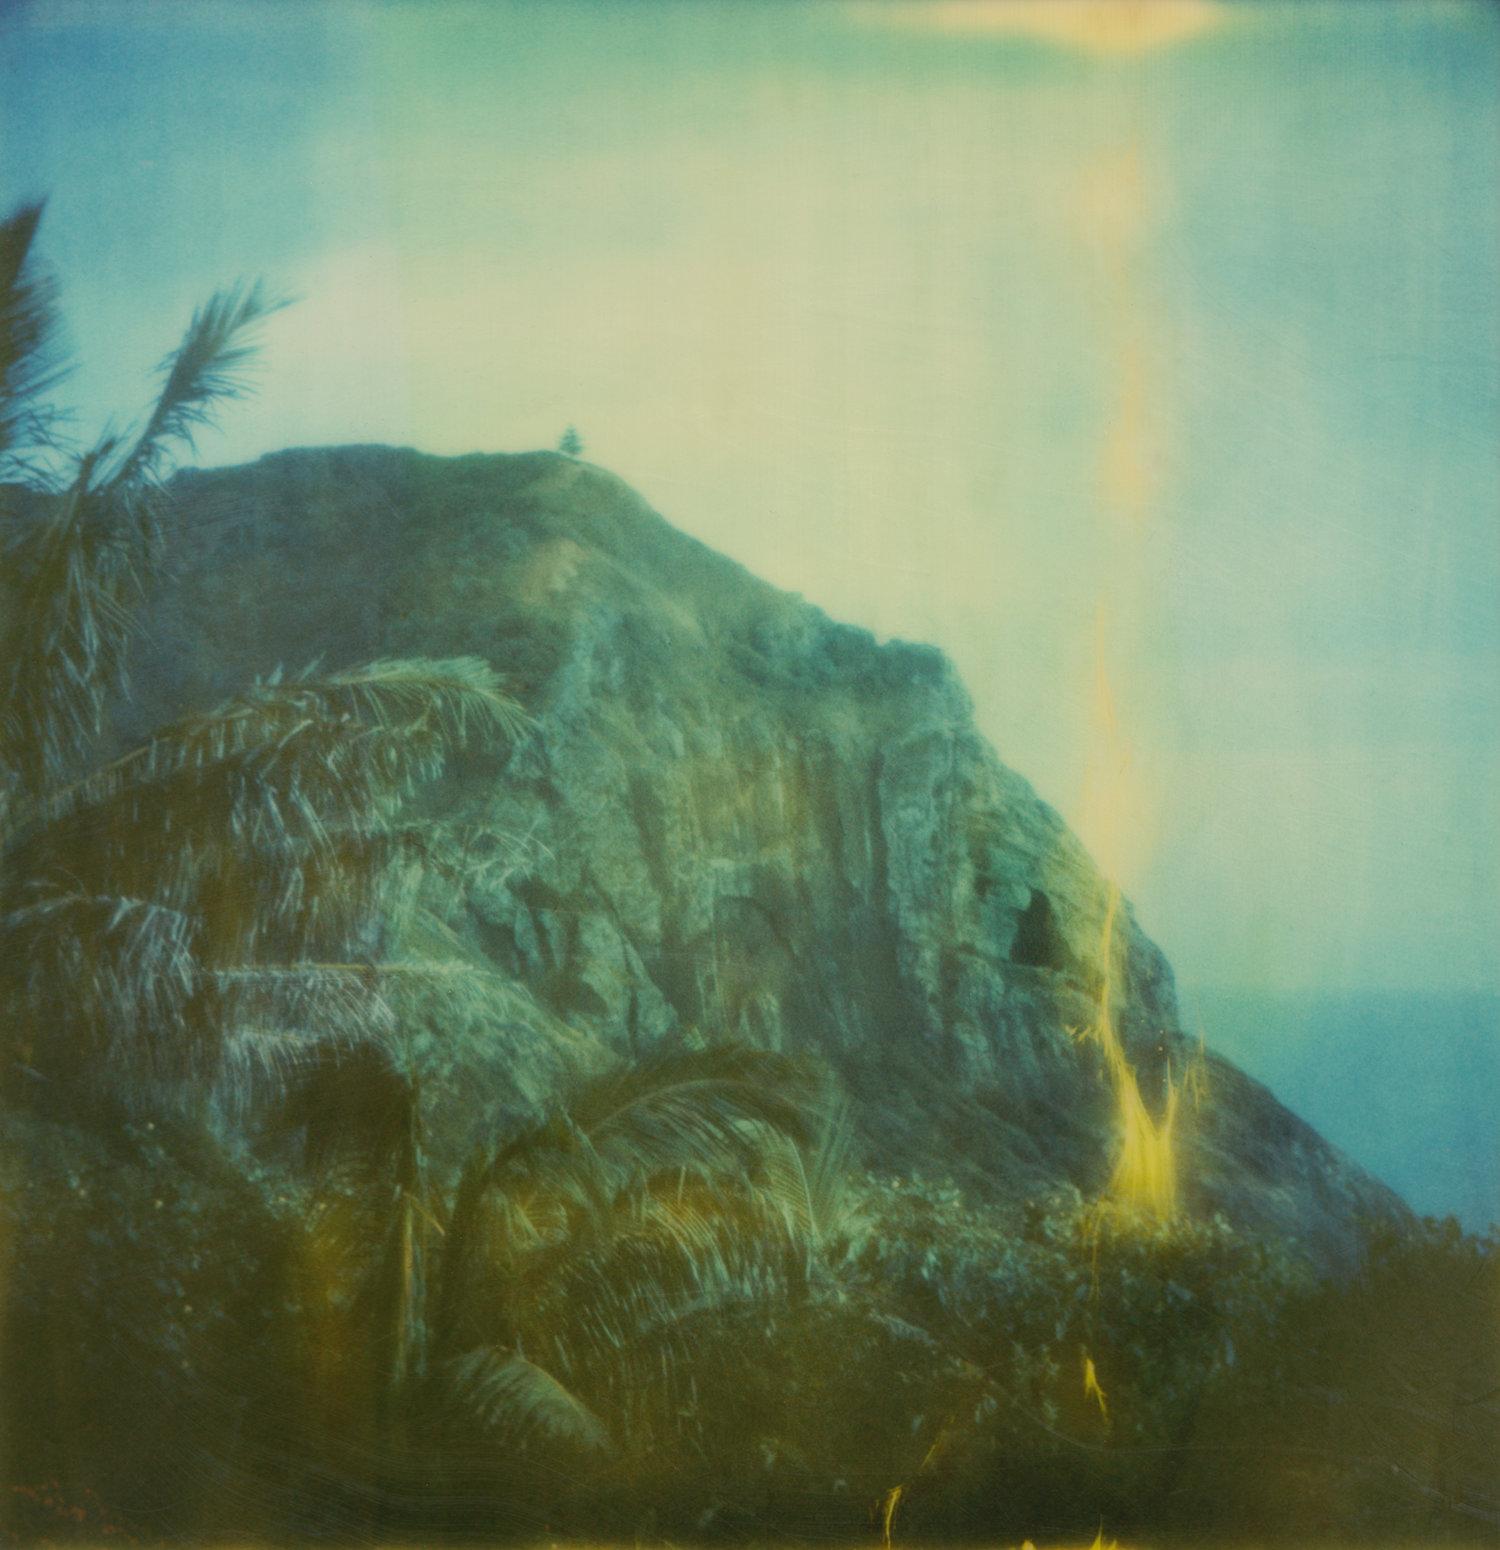 11.+Christian's+Cave,+The+Omniscient+Eye.jpg